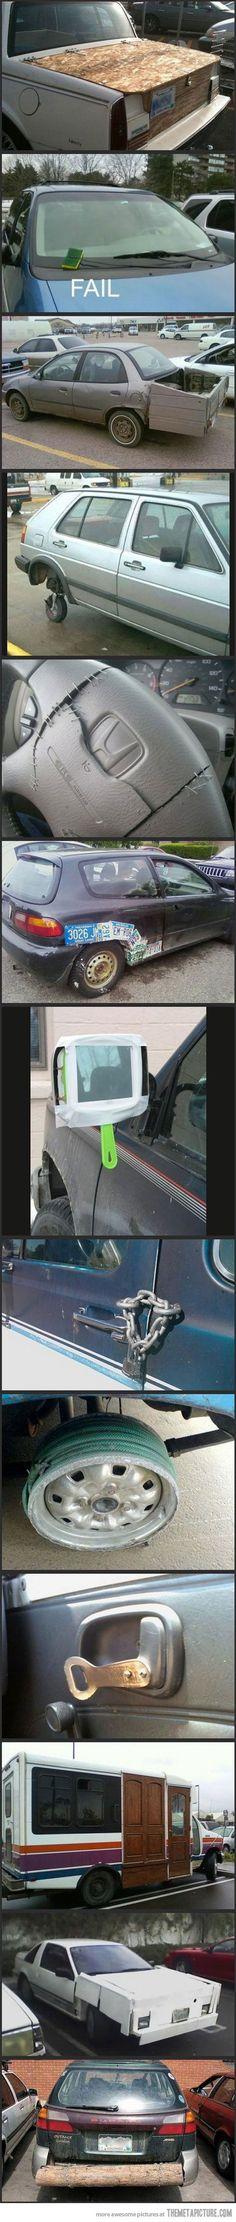 Redneck car repair.: